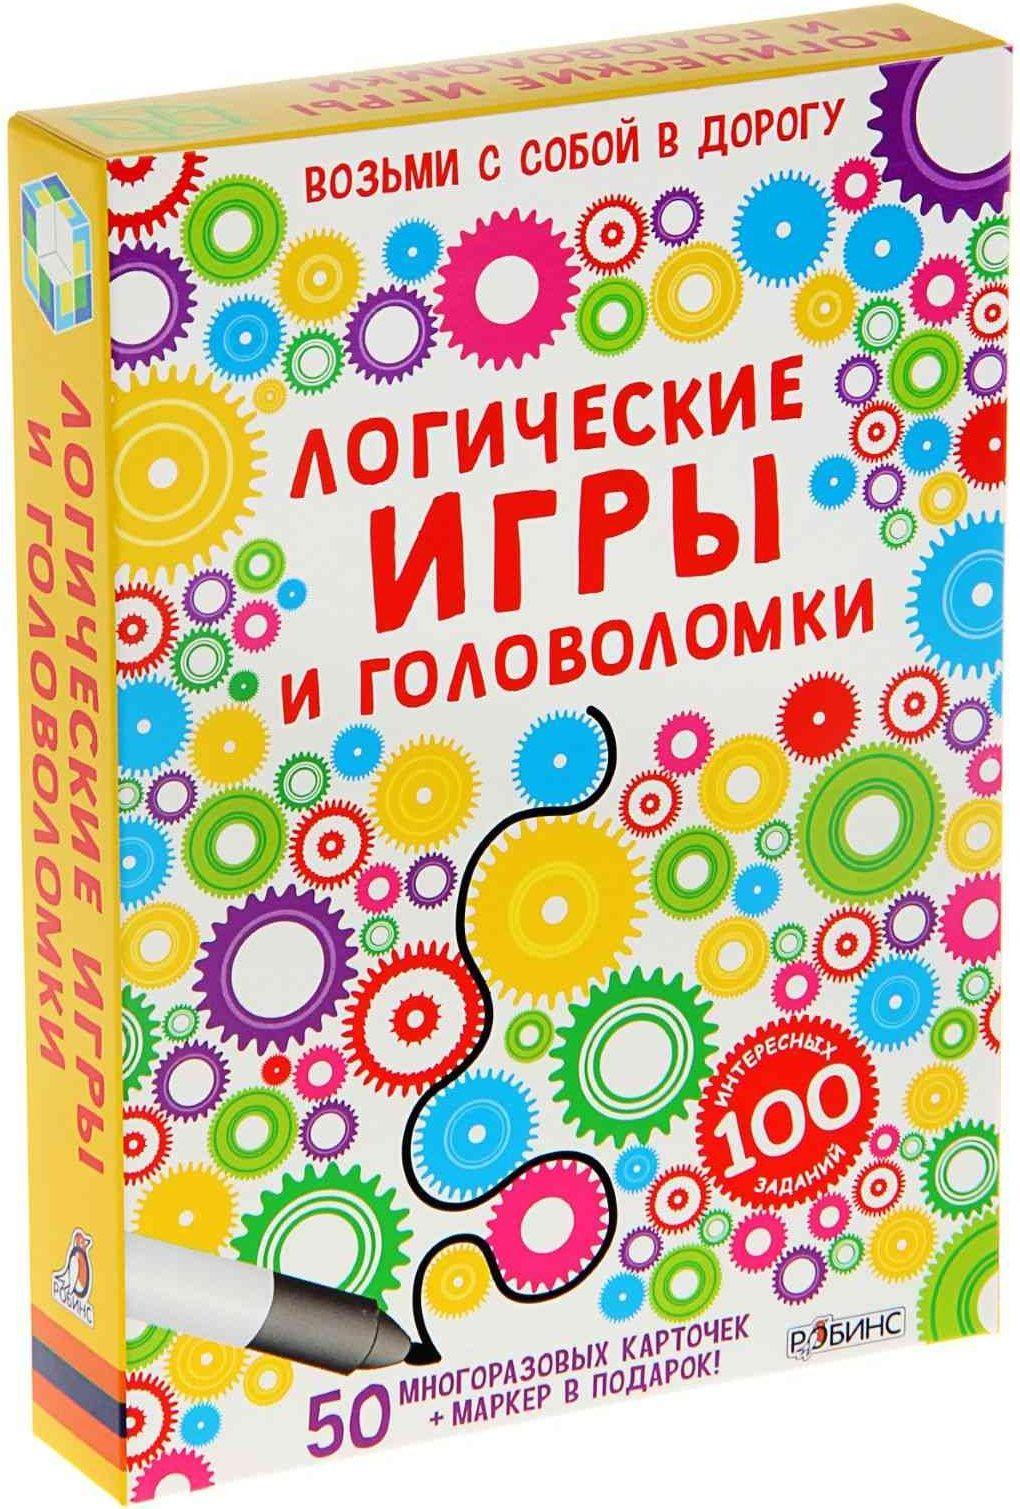 Купить Настольная игра Карточки. Логические игры и головоломки , Настольные игры для детей Робинс, Карточные игры